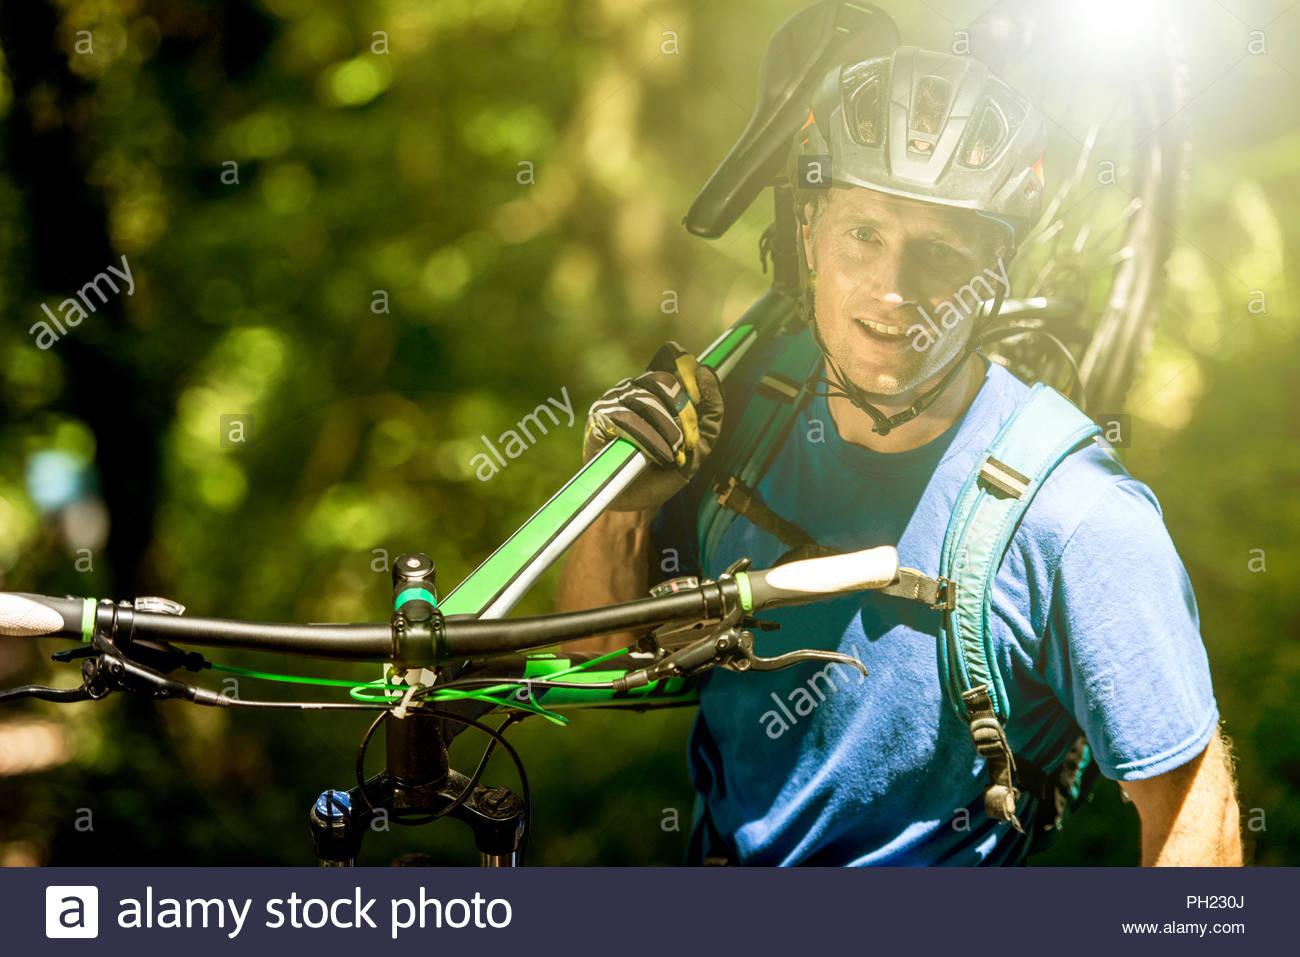 El hombre lleva en bicicleta de montaña en el bosque Imagen De Stock